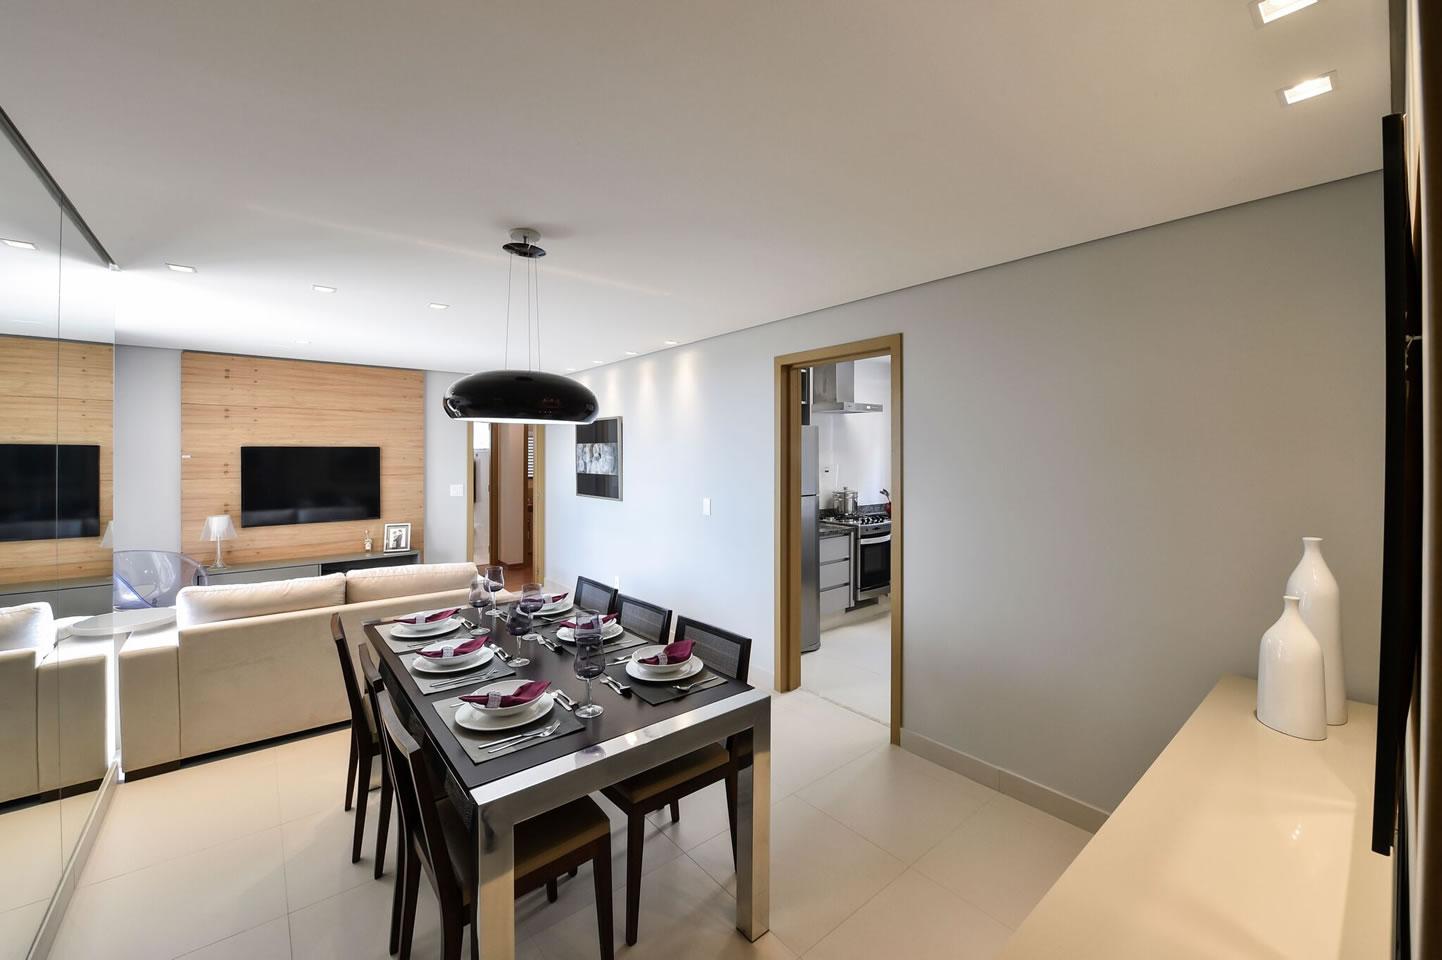 Marcia-Carvalhaes-Apartamento Decorado Ed My View - Somattos - 01